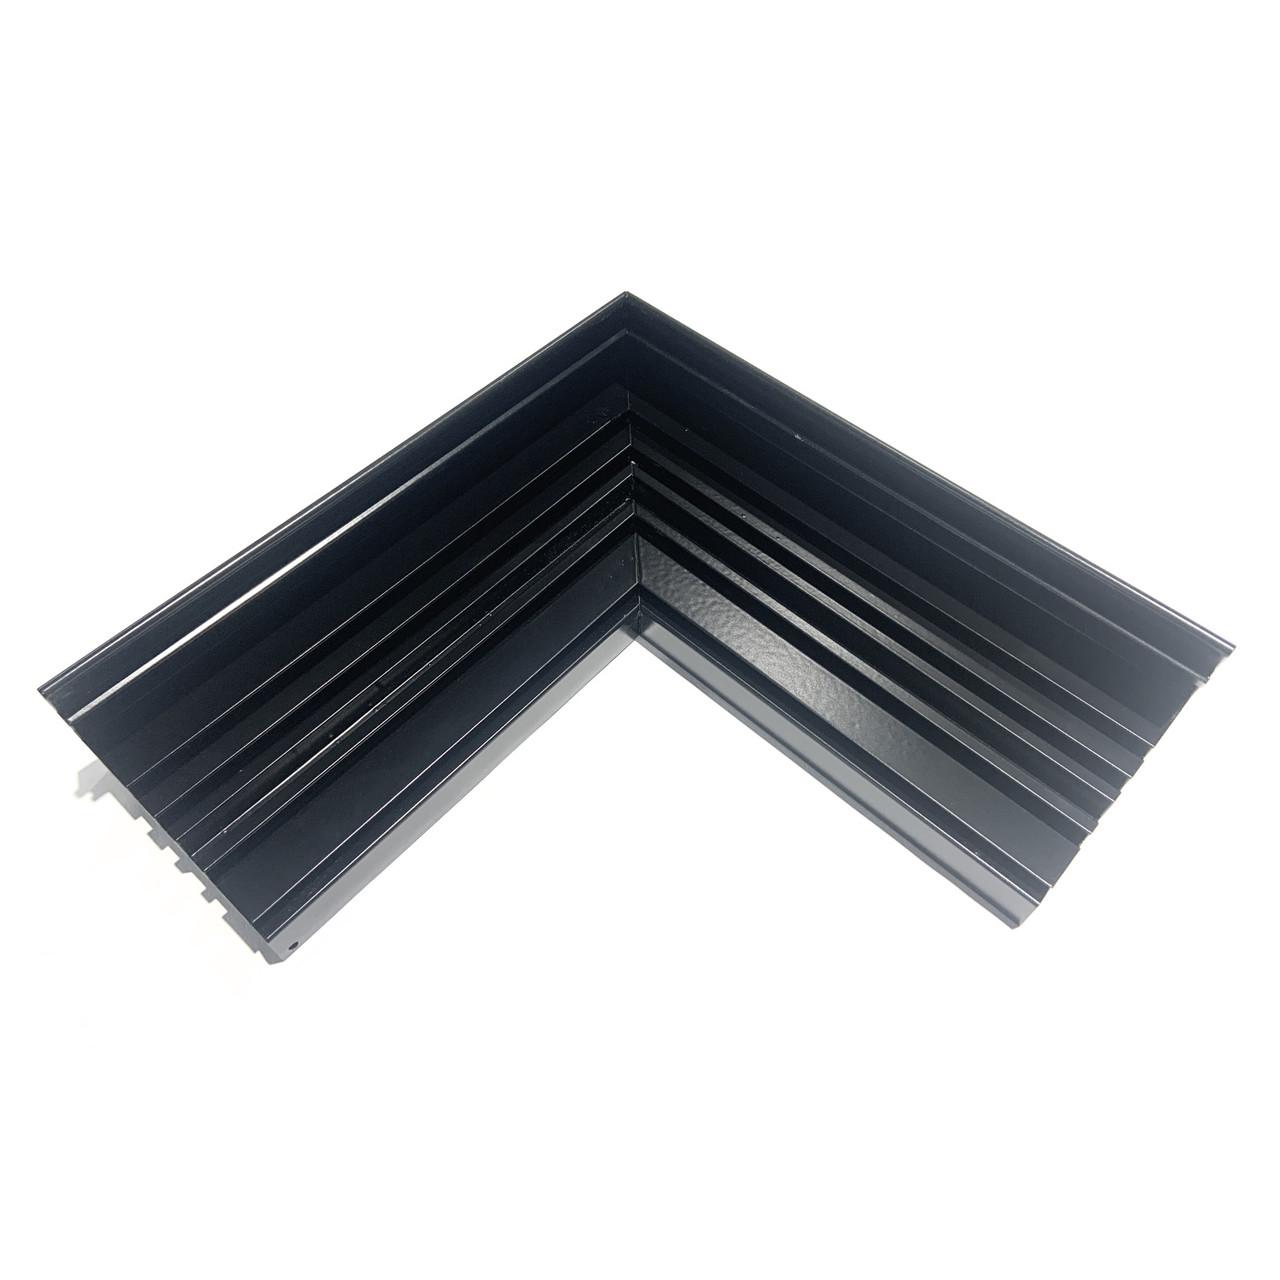 Кут 90 градусів для гардини чорний 3х смугової